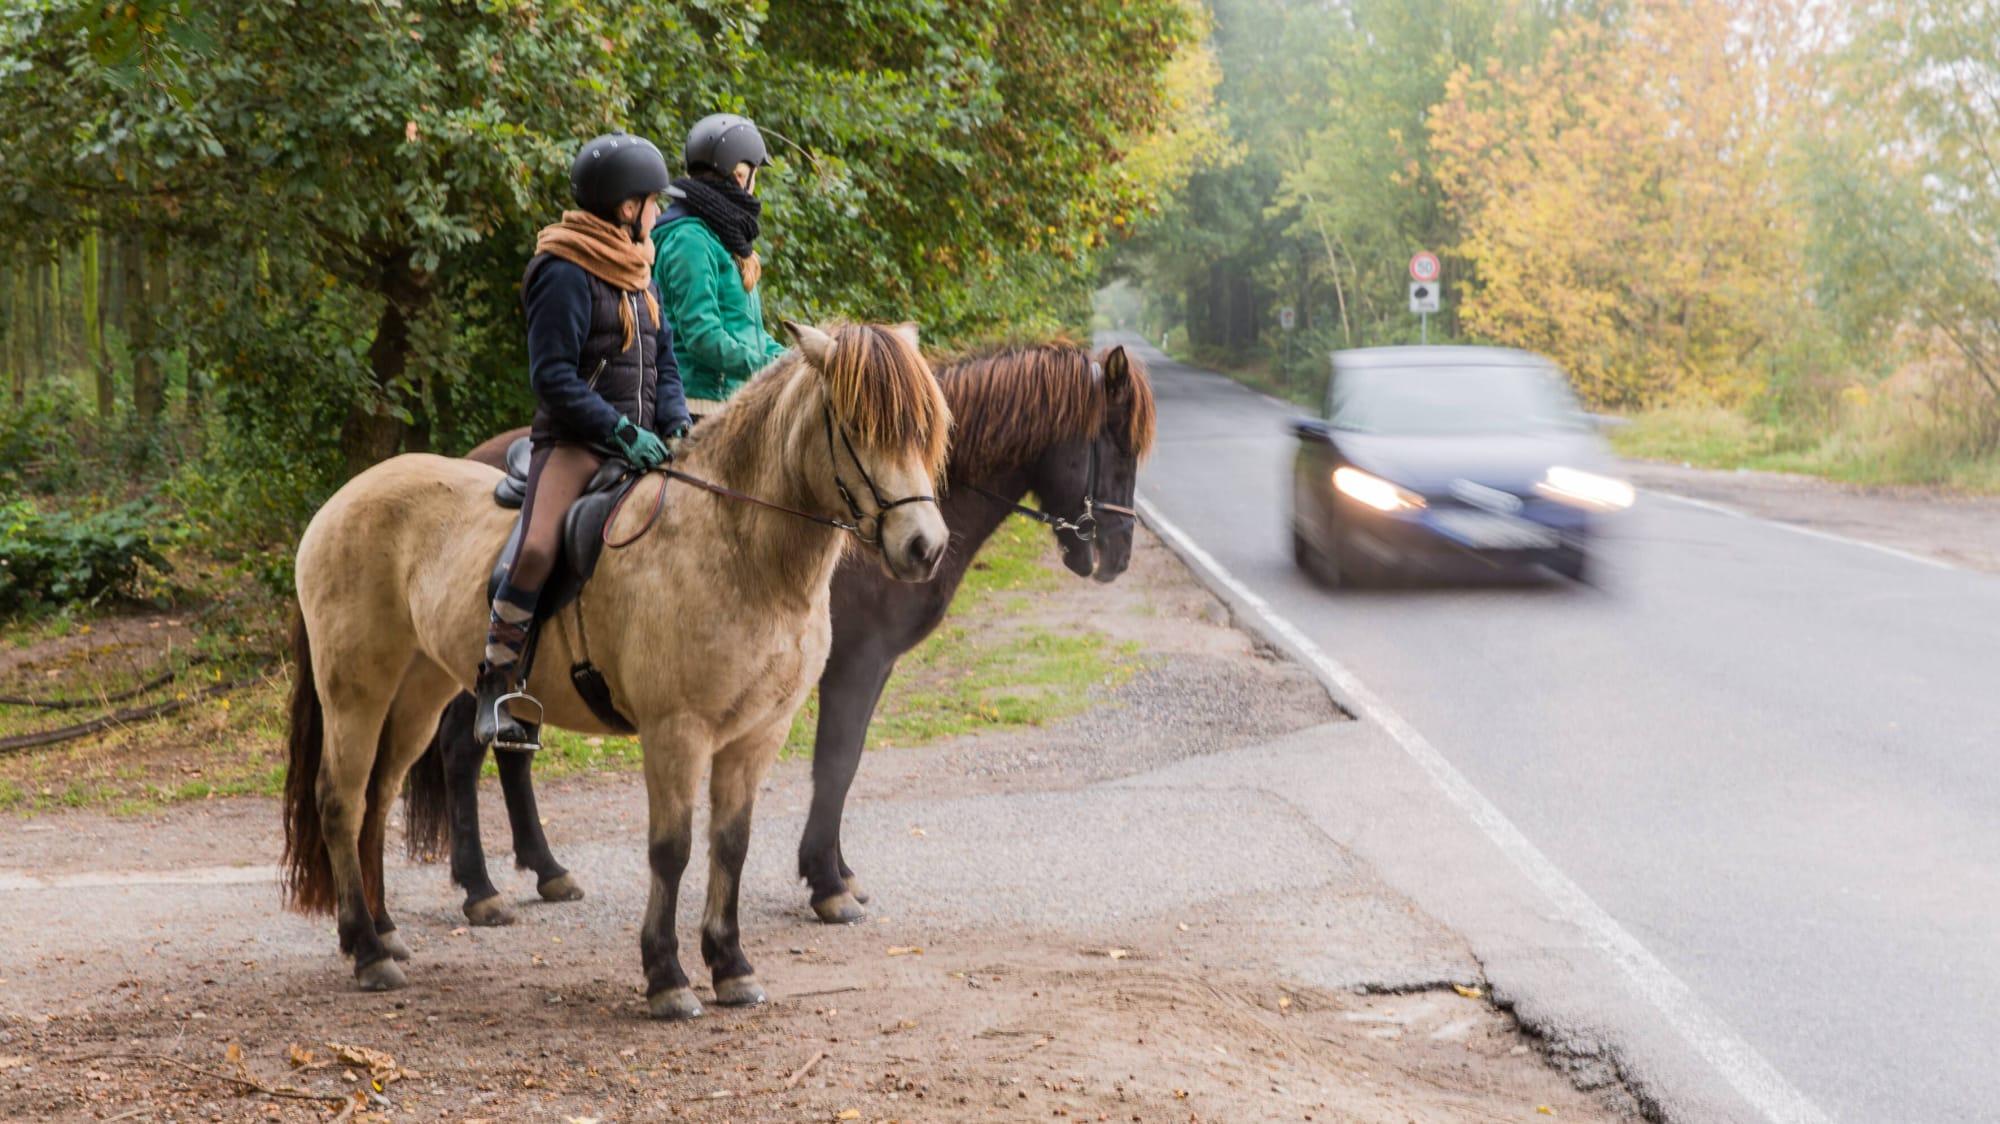 Zwei Reiter stehen mit Pferd am Strassenrand